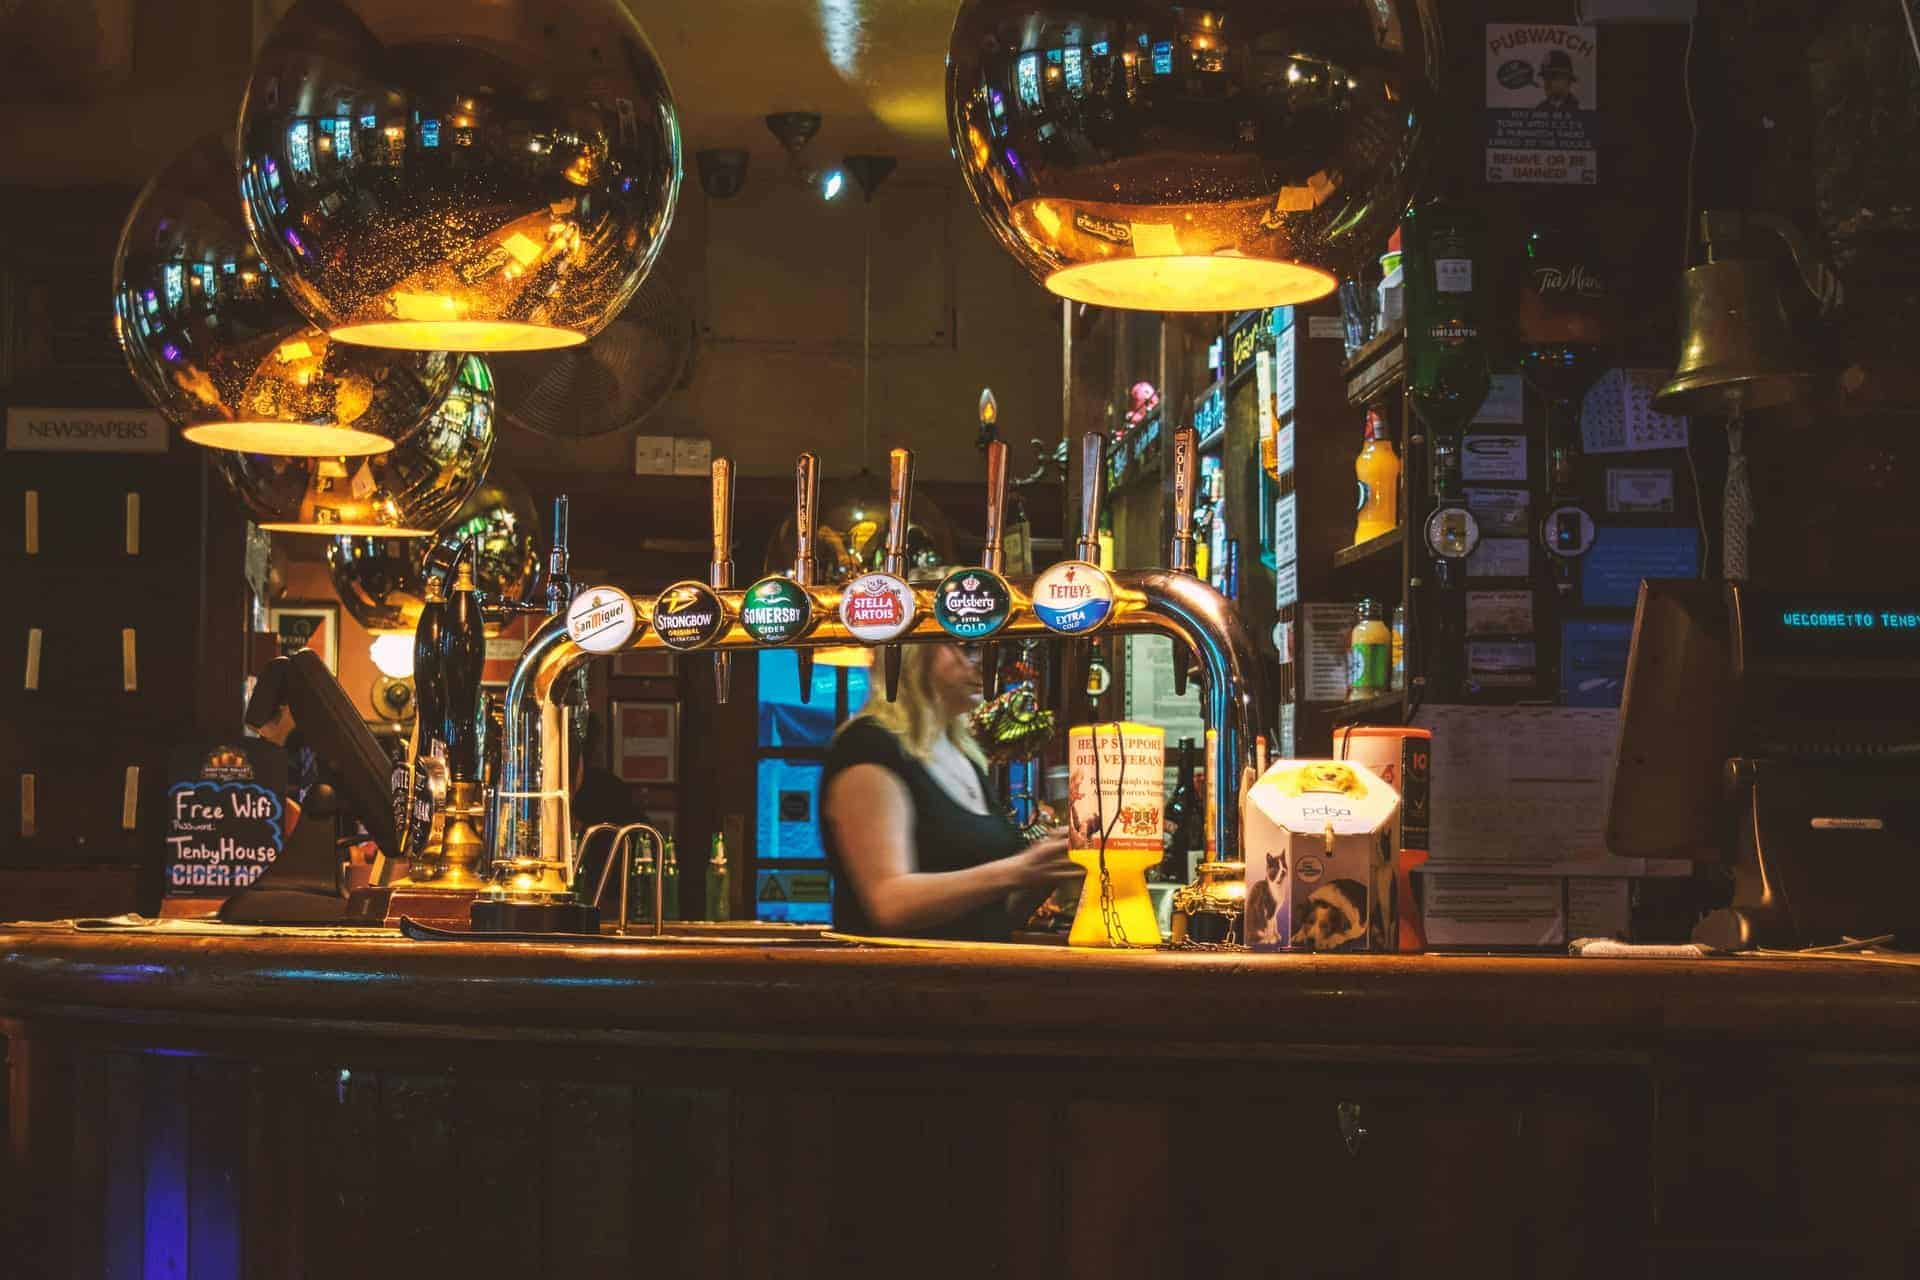 Un condado de Inglaterra le pagará a una persona más de 25.000 libras para que explore sus pubs históricos